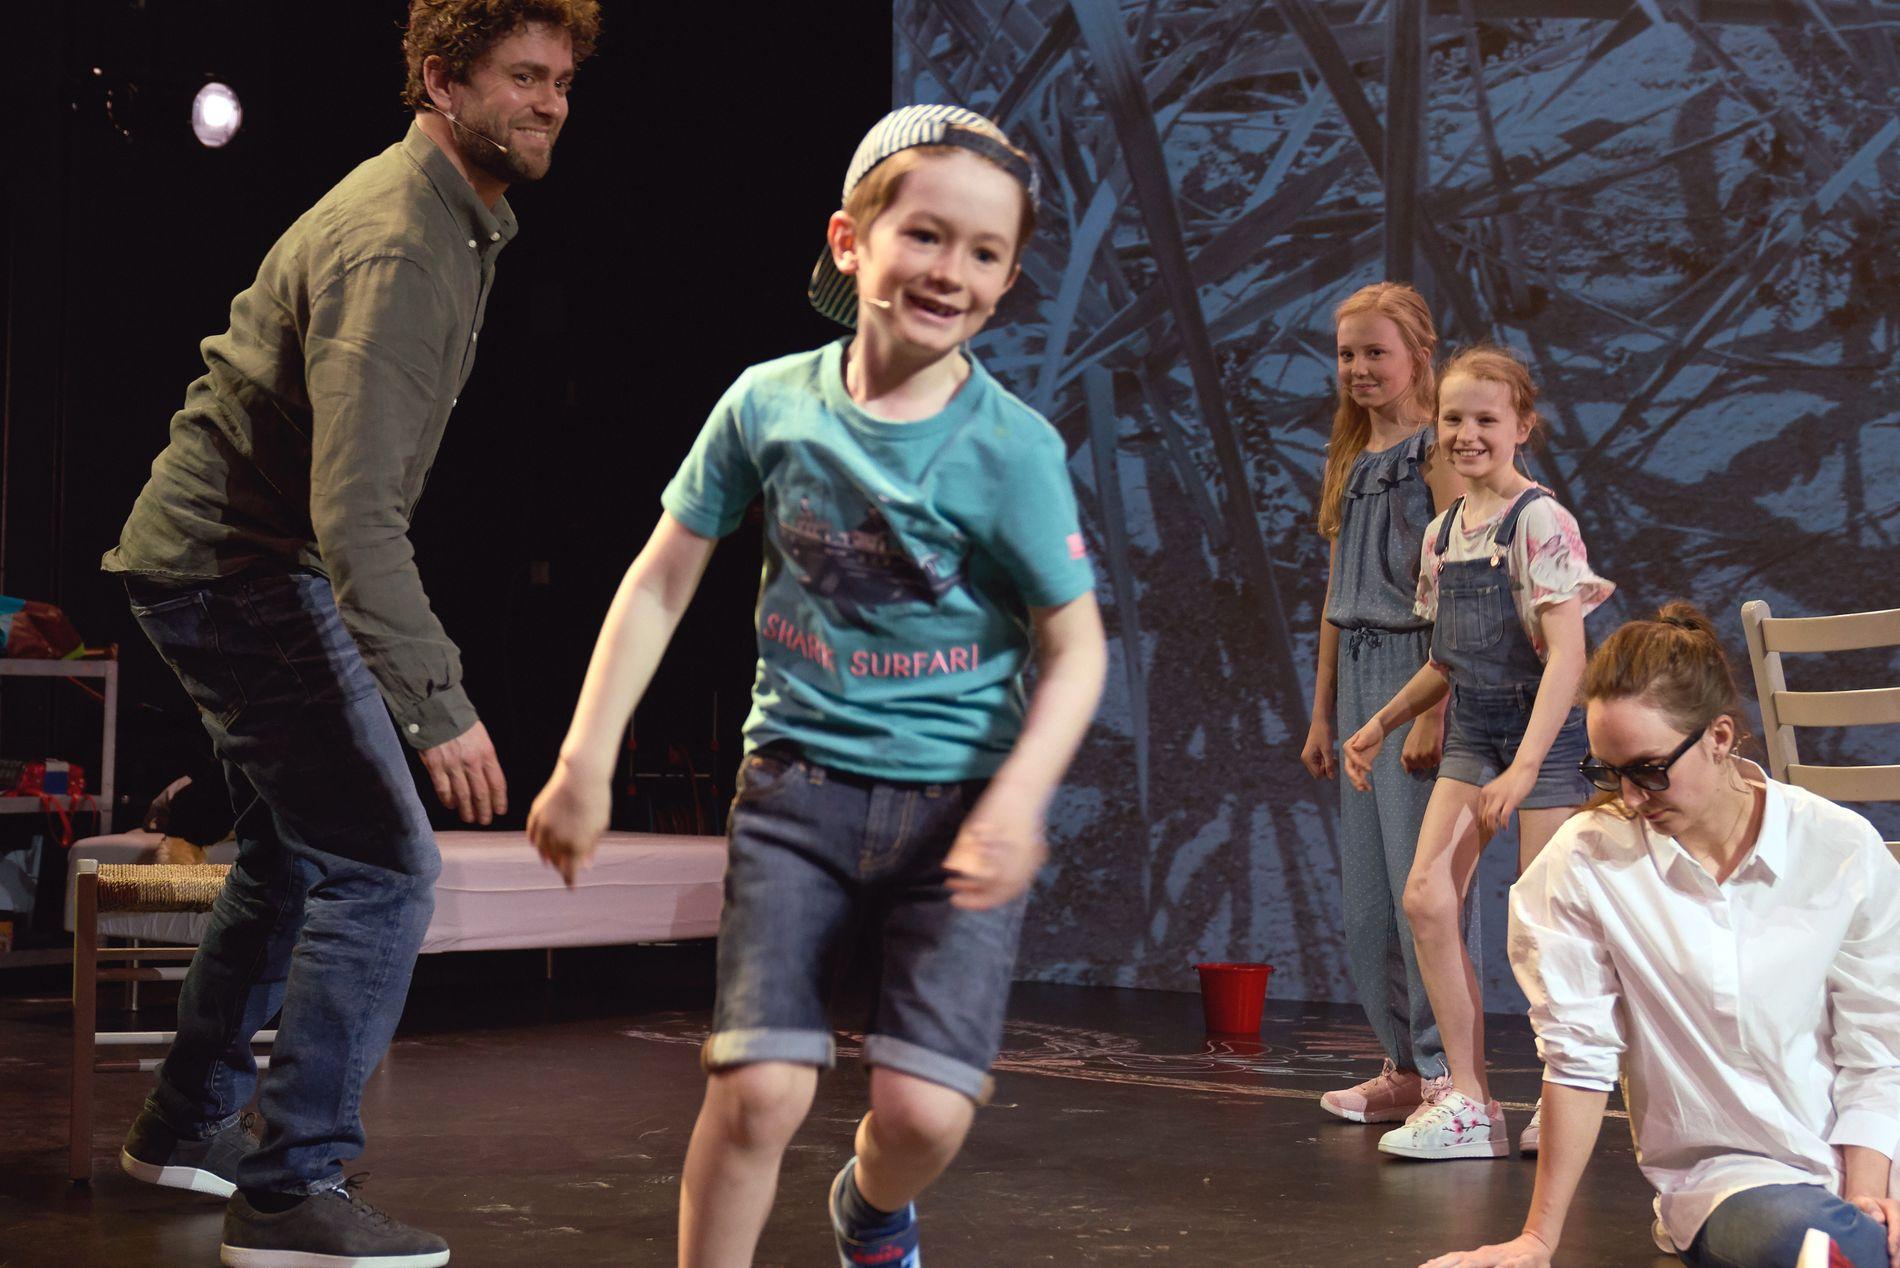 FAMILIE: Knausgårds familiefortelling «Om våren» er blitt en vakker og vond forestilling.